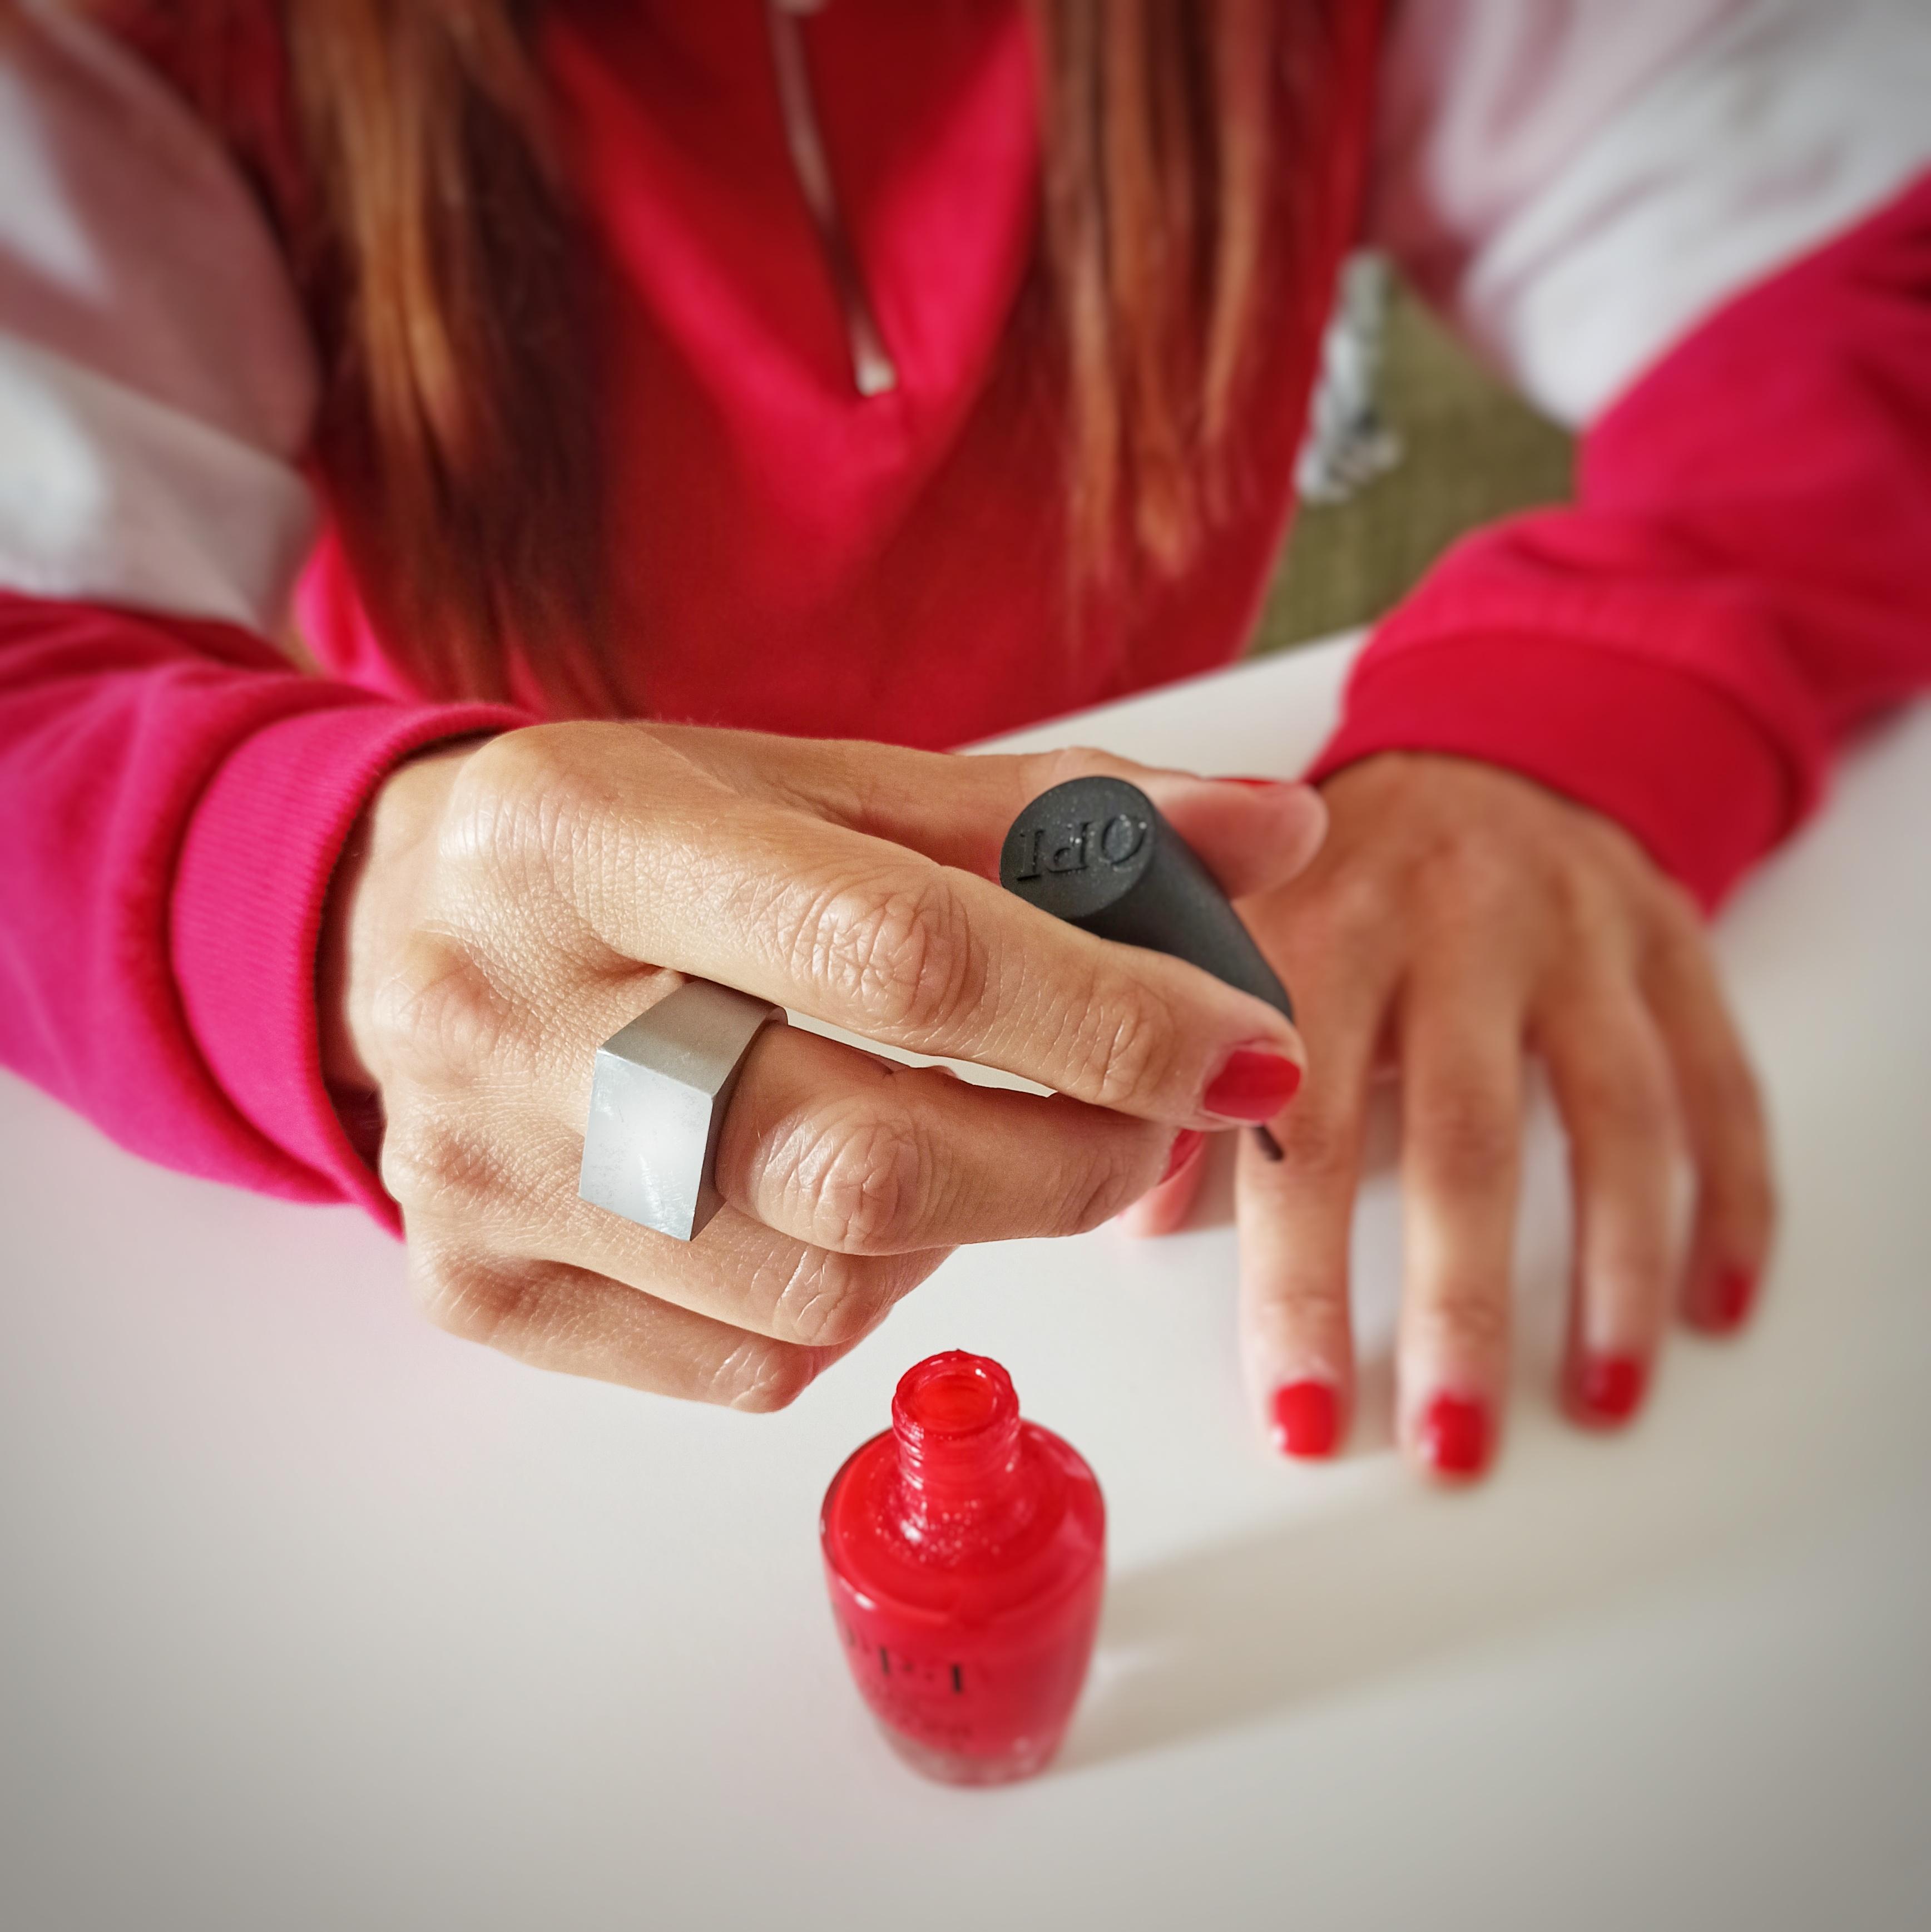 Mani di donna con anello in aciaio mentre applicano lo smalto per unghie